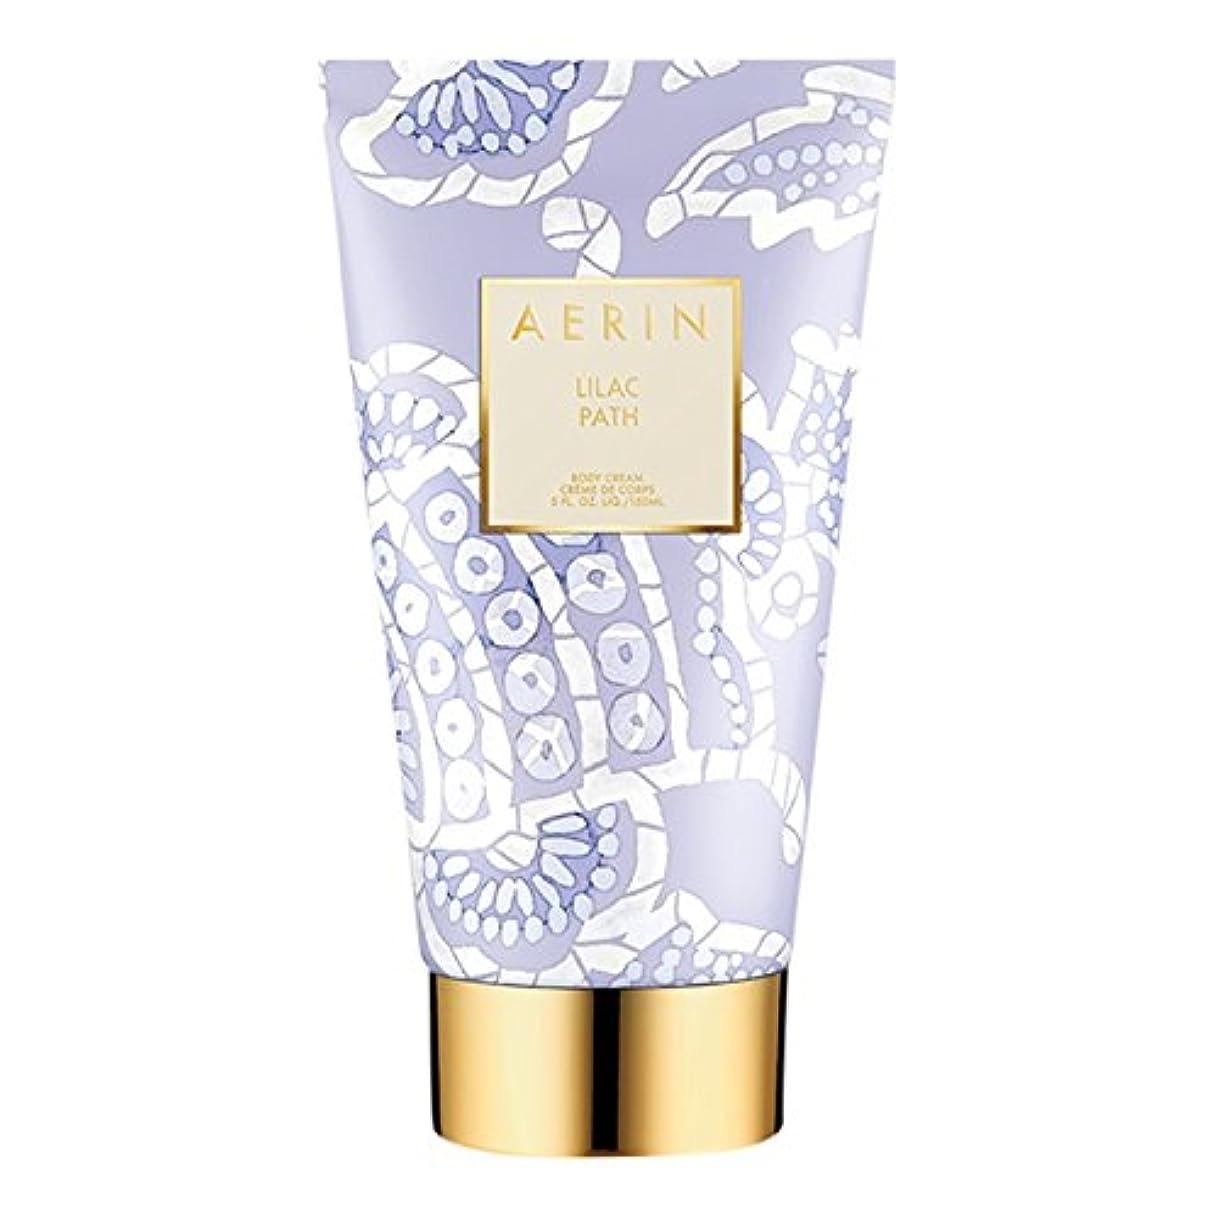 銀河体月曜日Aerinライラックパスボディクリーム150ミリリットル (AERIN) (x2) - AERIN Lilac Path Body Cream 150ml (Pack of 2) [並行輸入品]